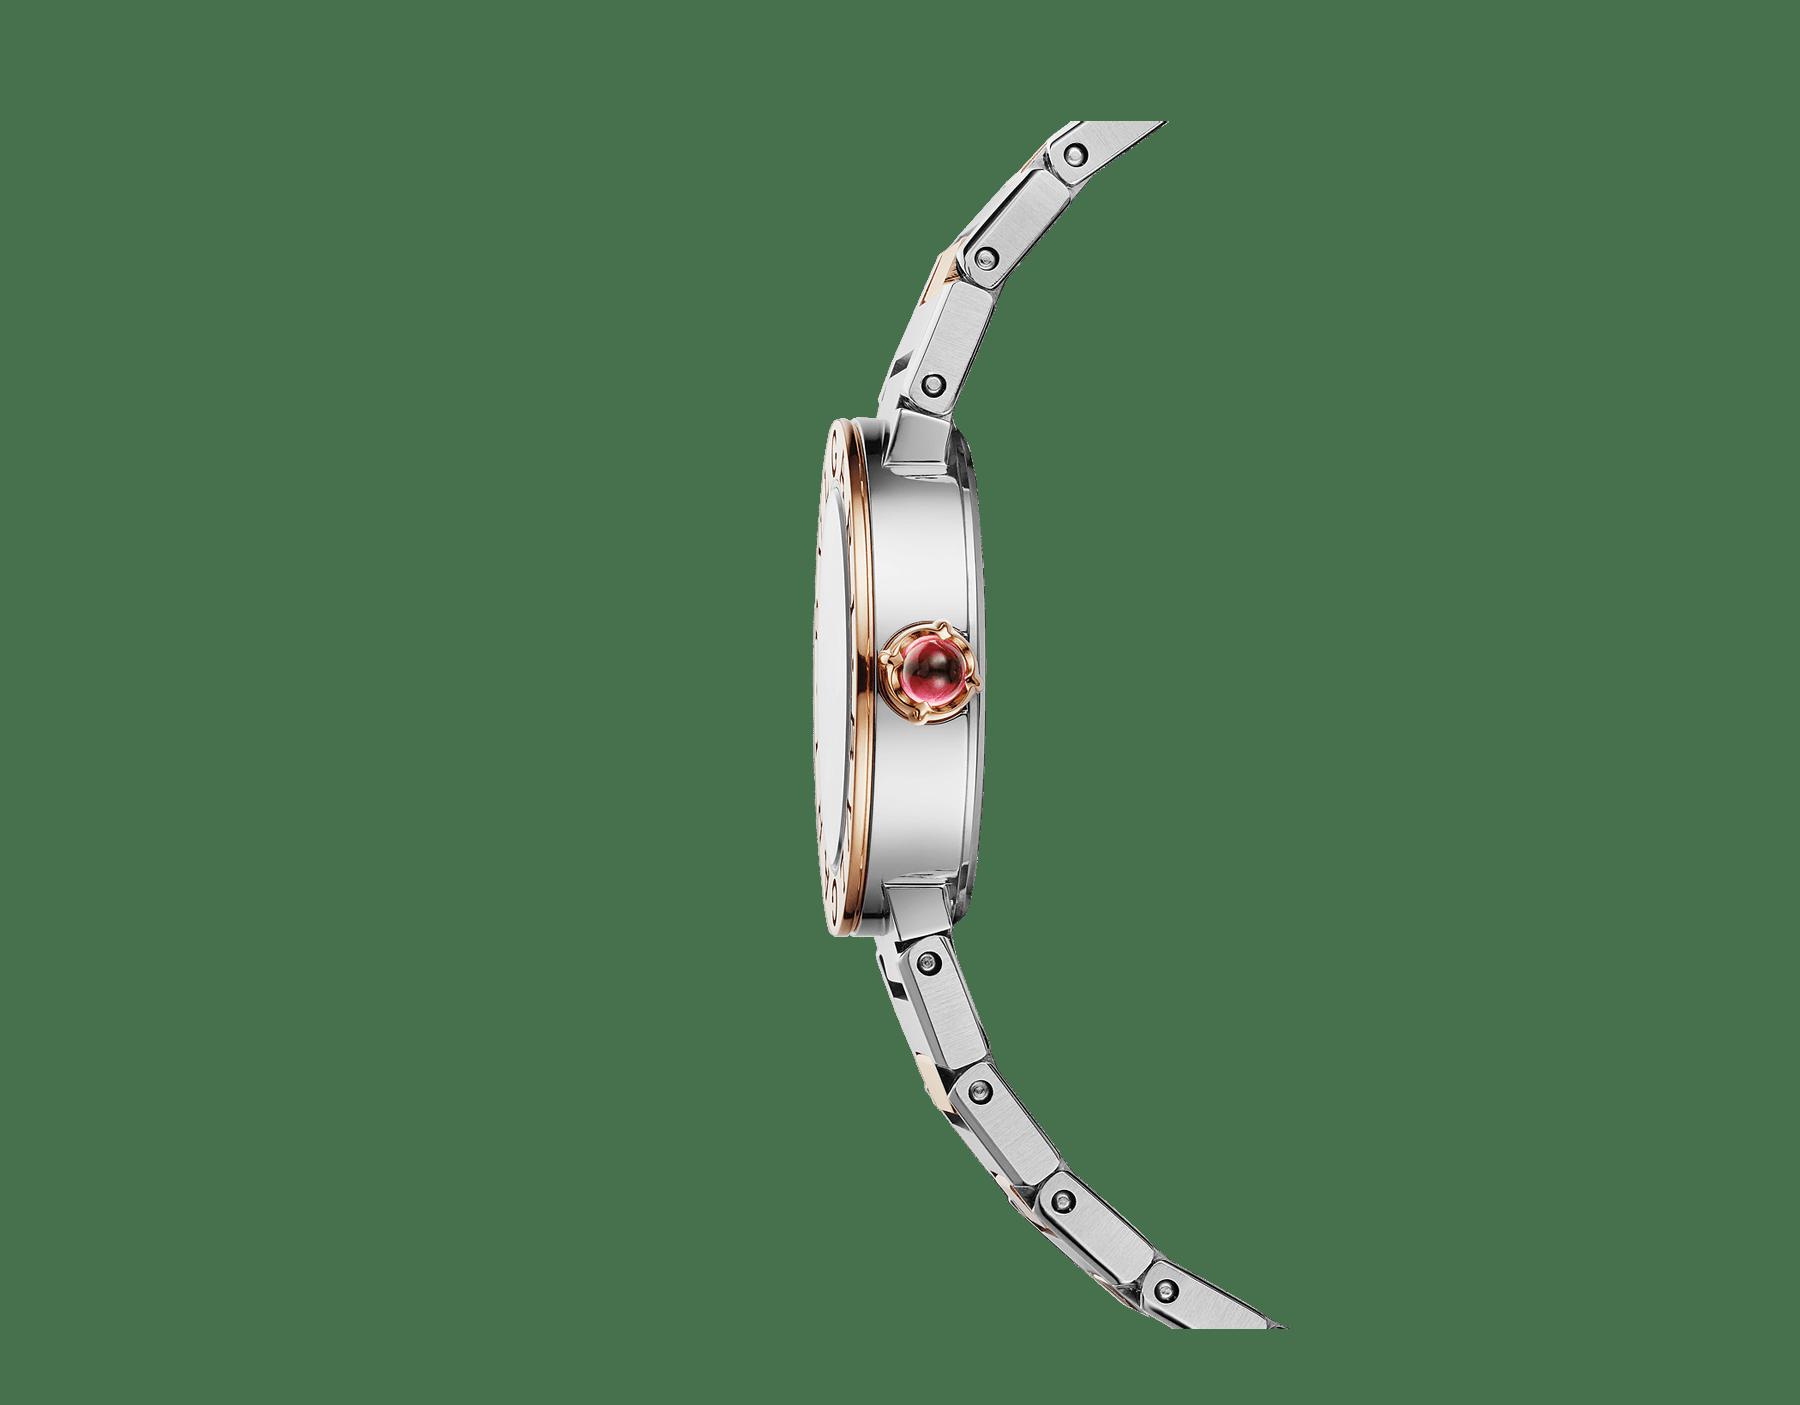 Montre BVLGARI BVLGARI LADY avec boîtier en acier inoxydable, lunette en or rose 18K avec logo BVLGARI BVLGARI gravé, cadran laqué noir et bracelet en or rose 18K et acier inoxydable 102944 image 2